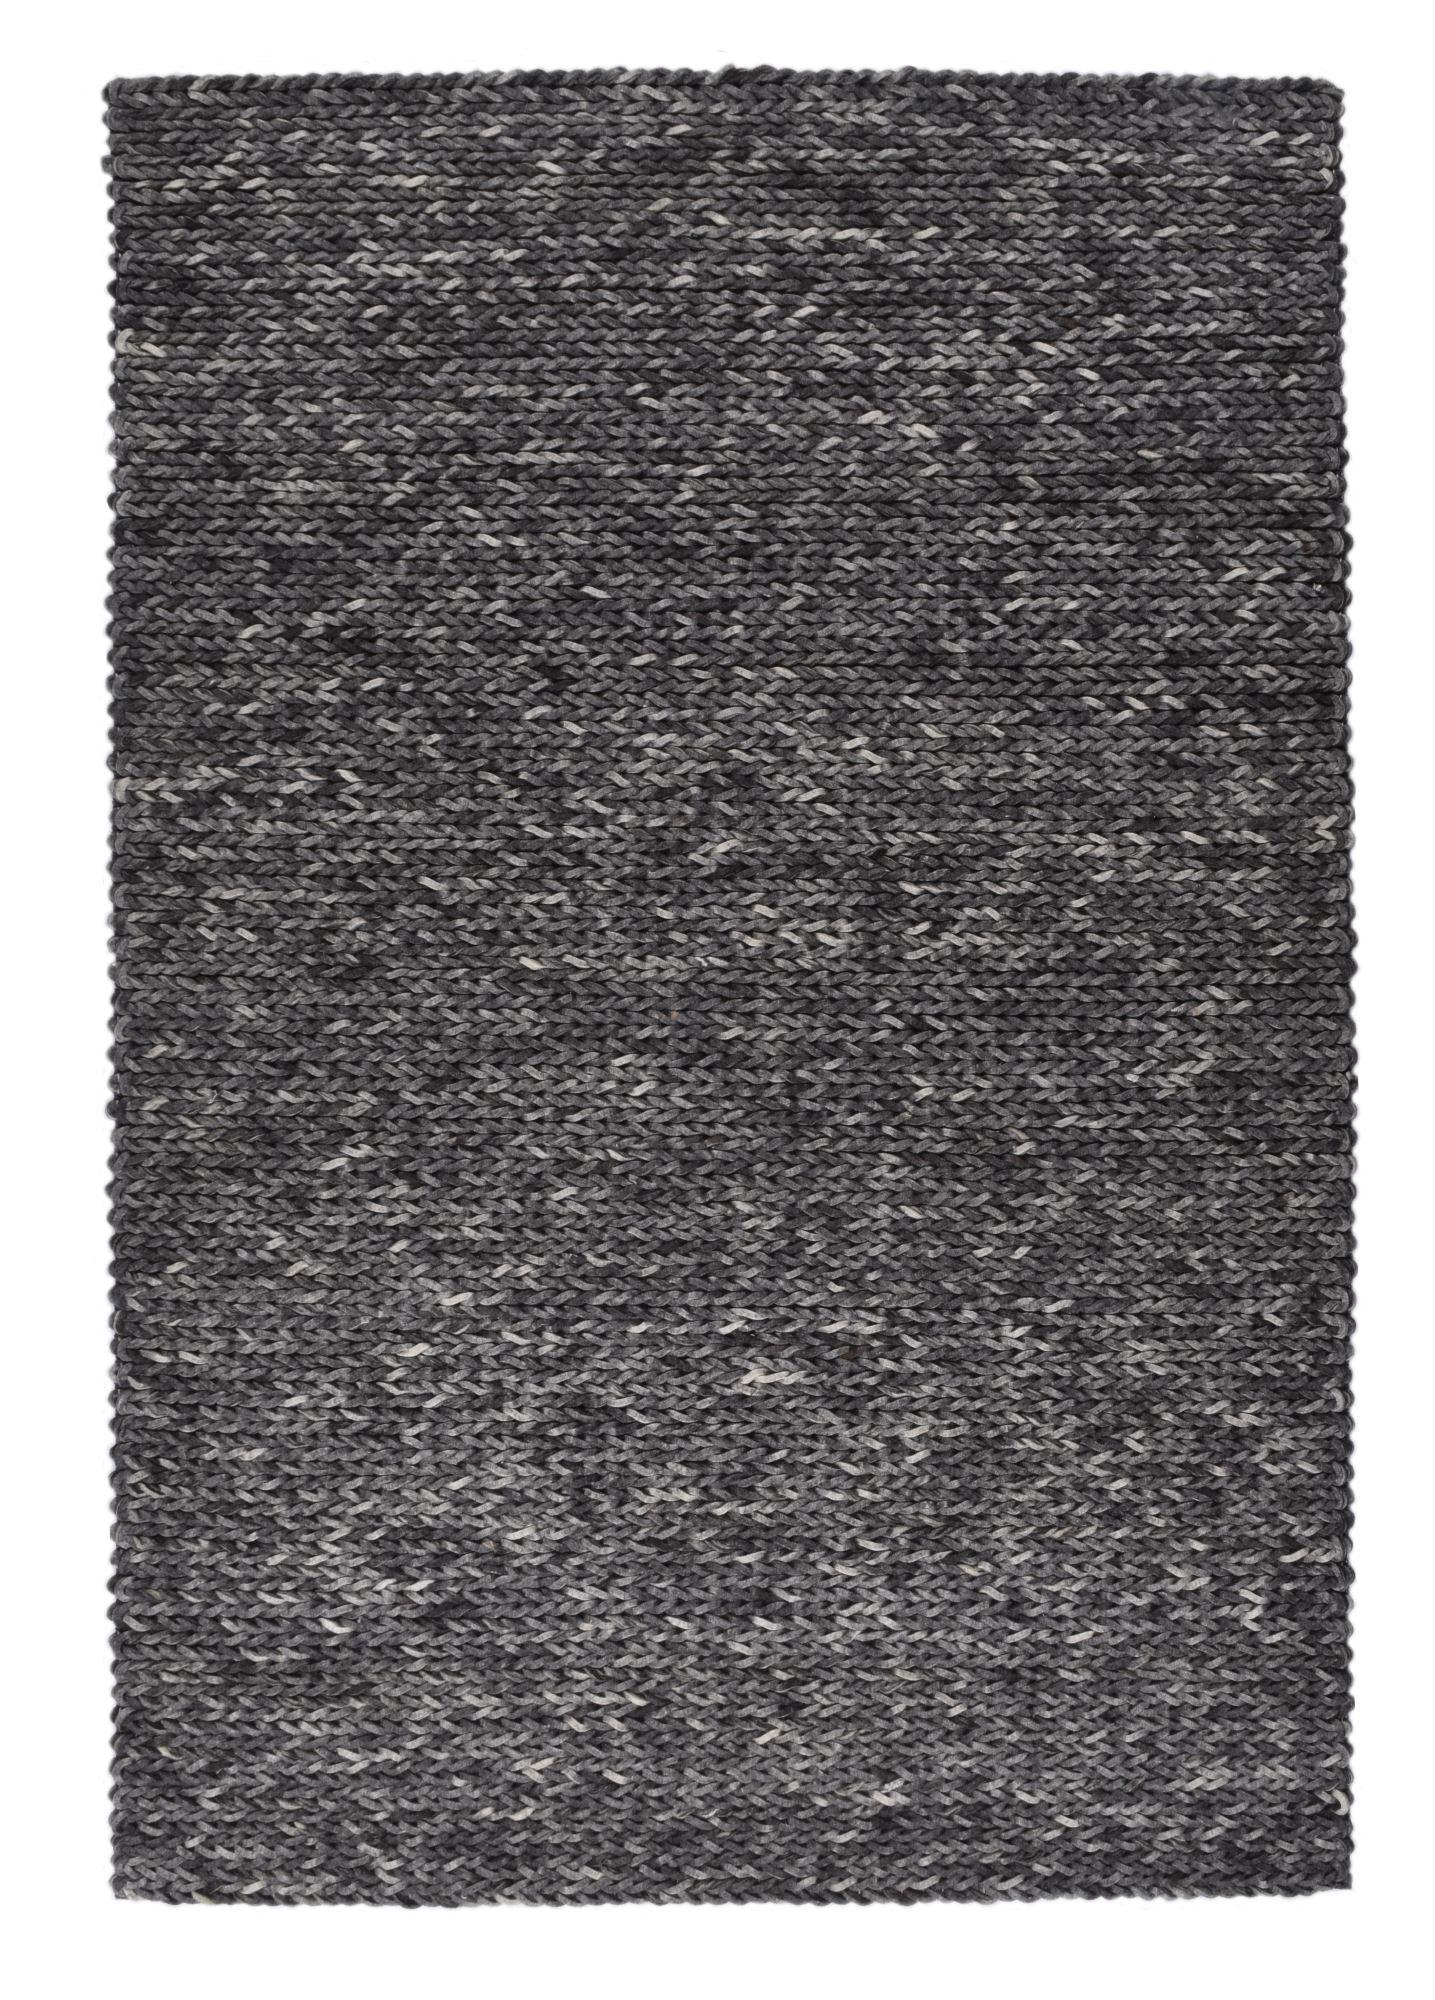 ARLBERG - Tapis feutré en laine naturelle gris 170x240